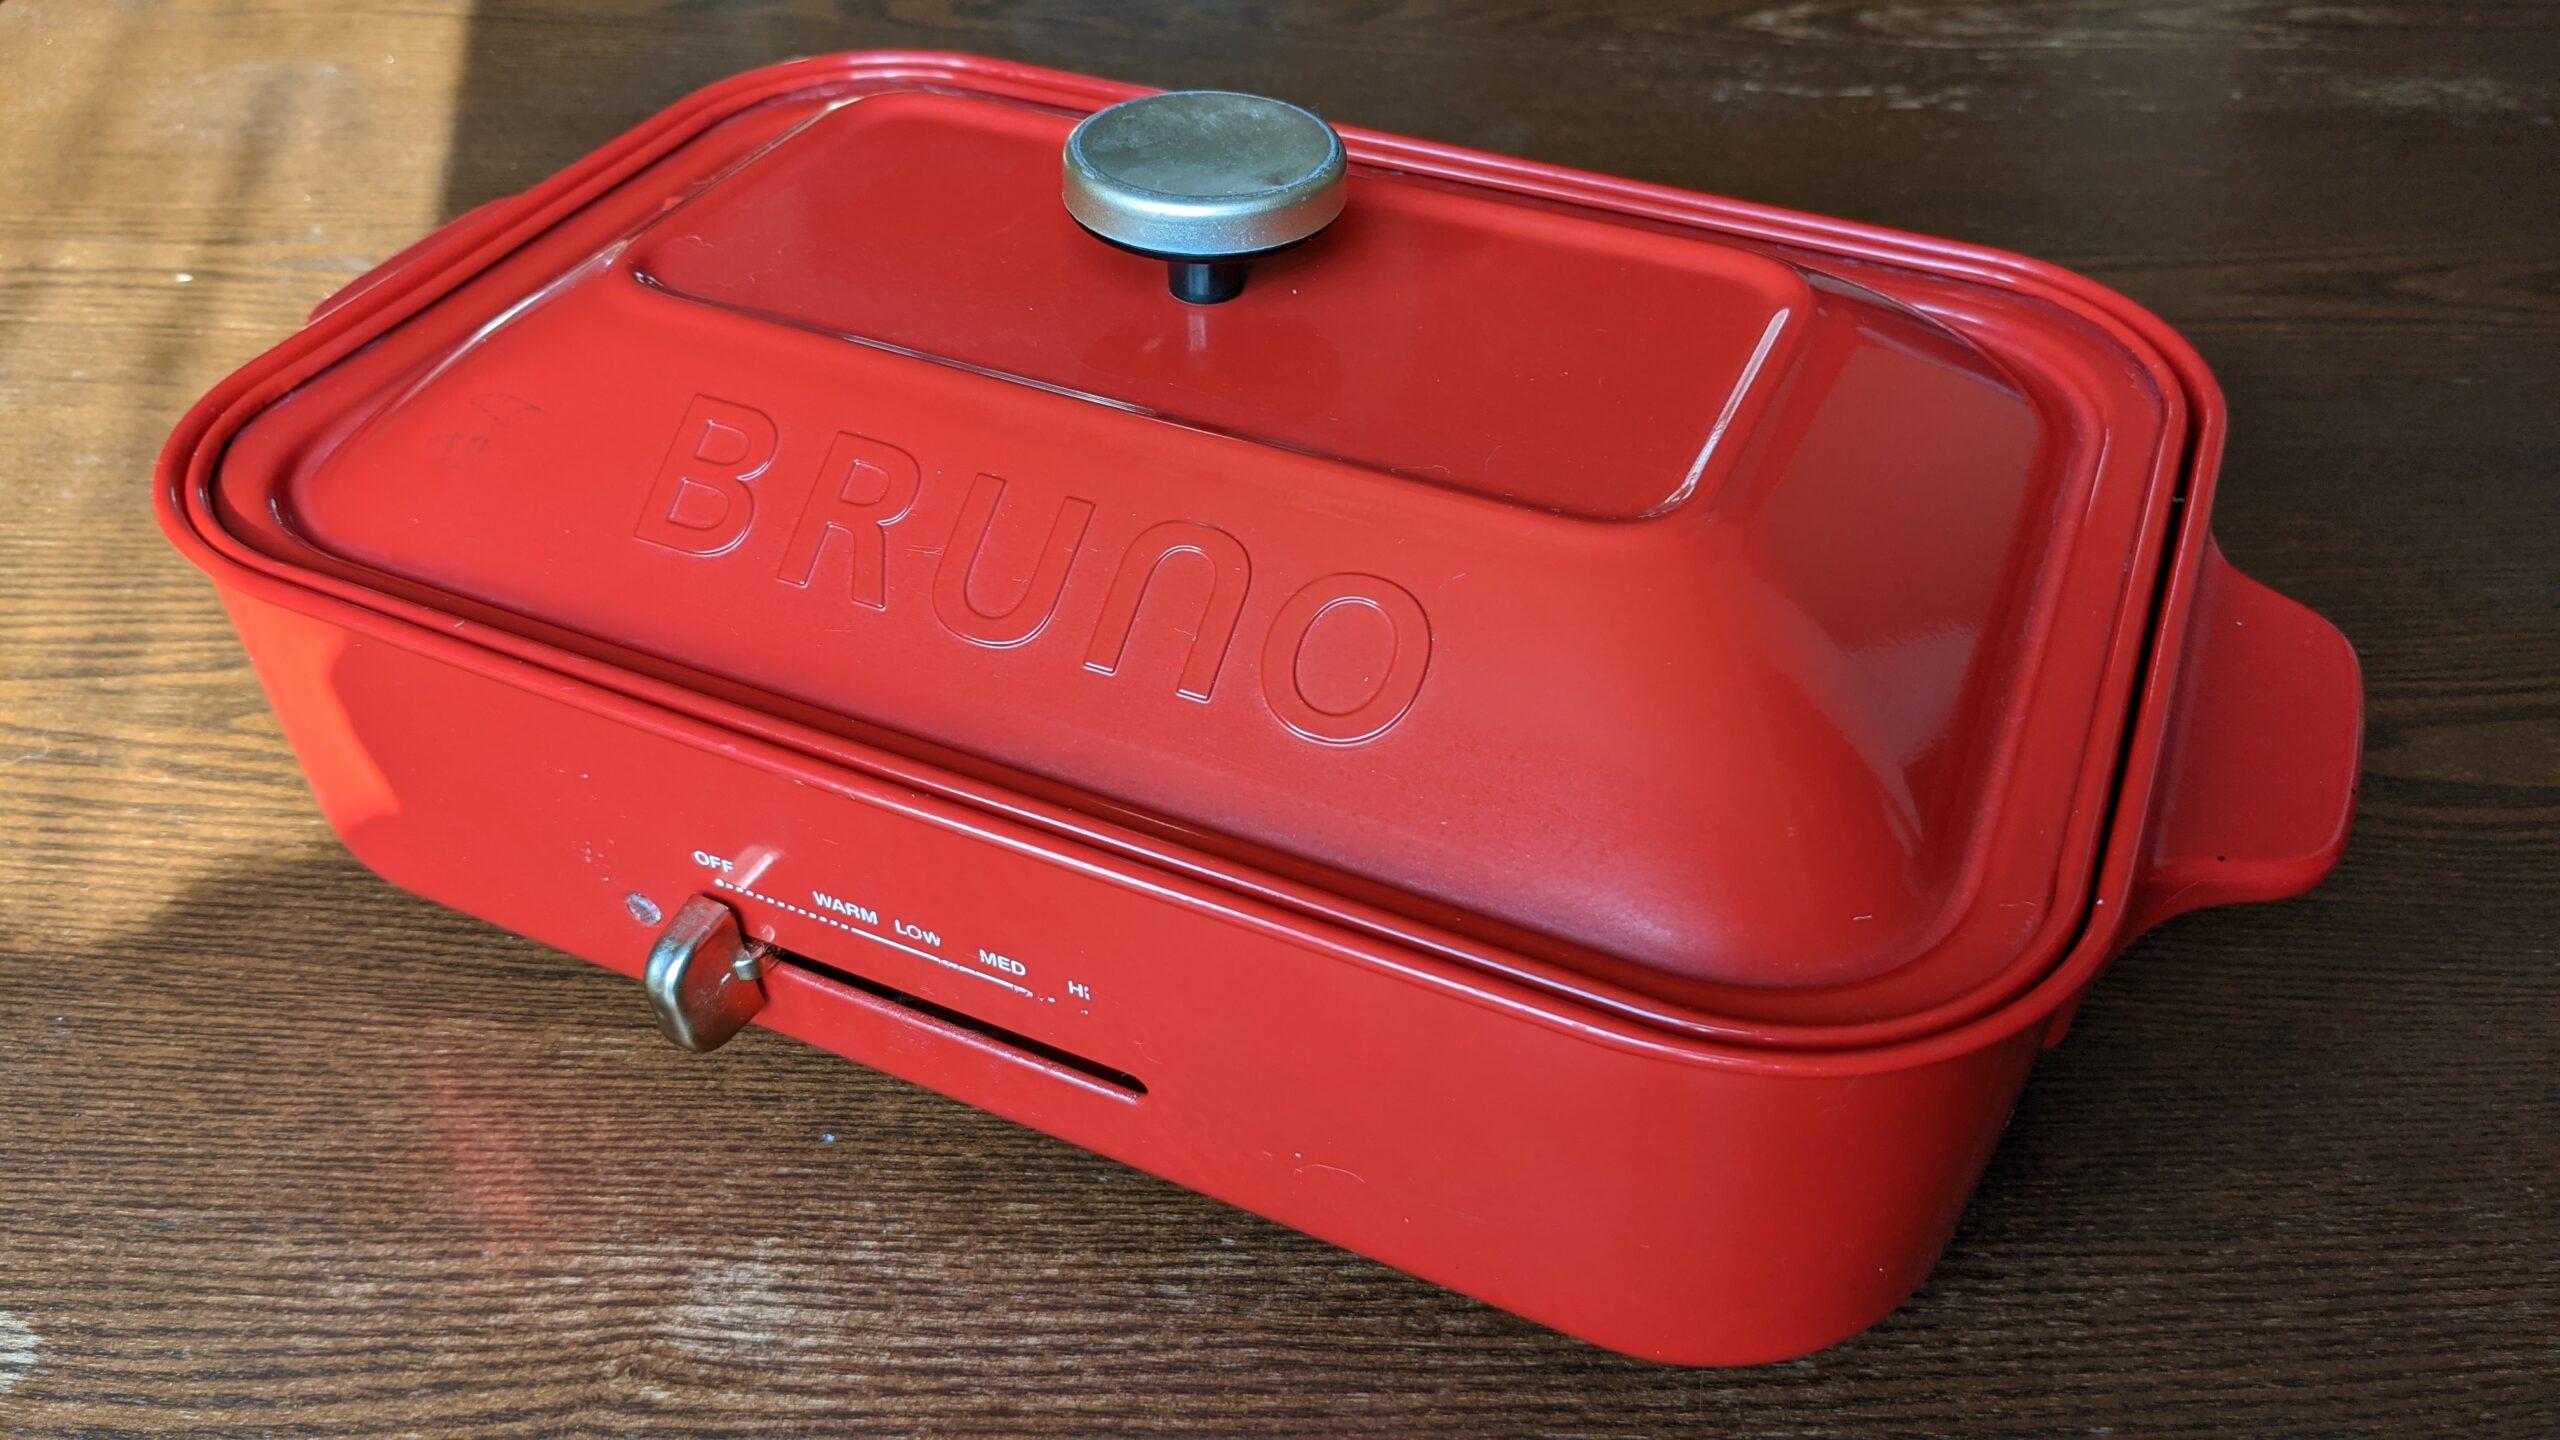 BRUNO(ブルーノ)ホットプレートがあるだけで毎晩の料理が楽しくなるお話